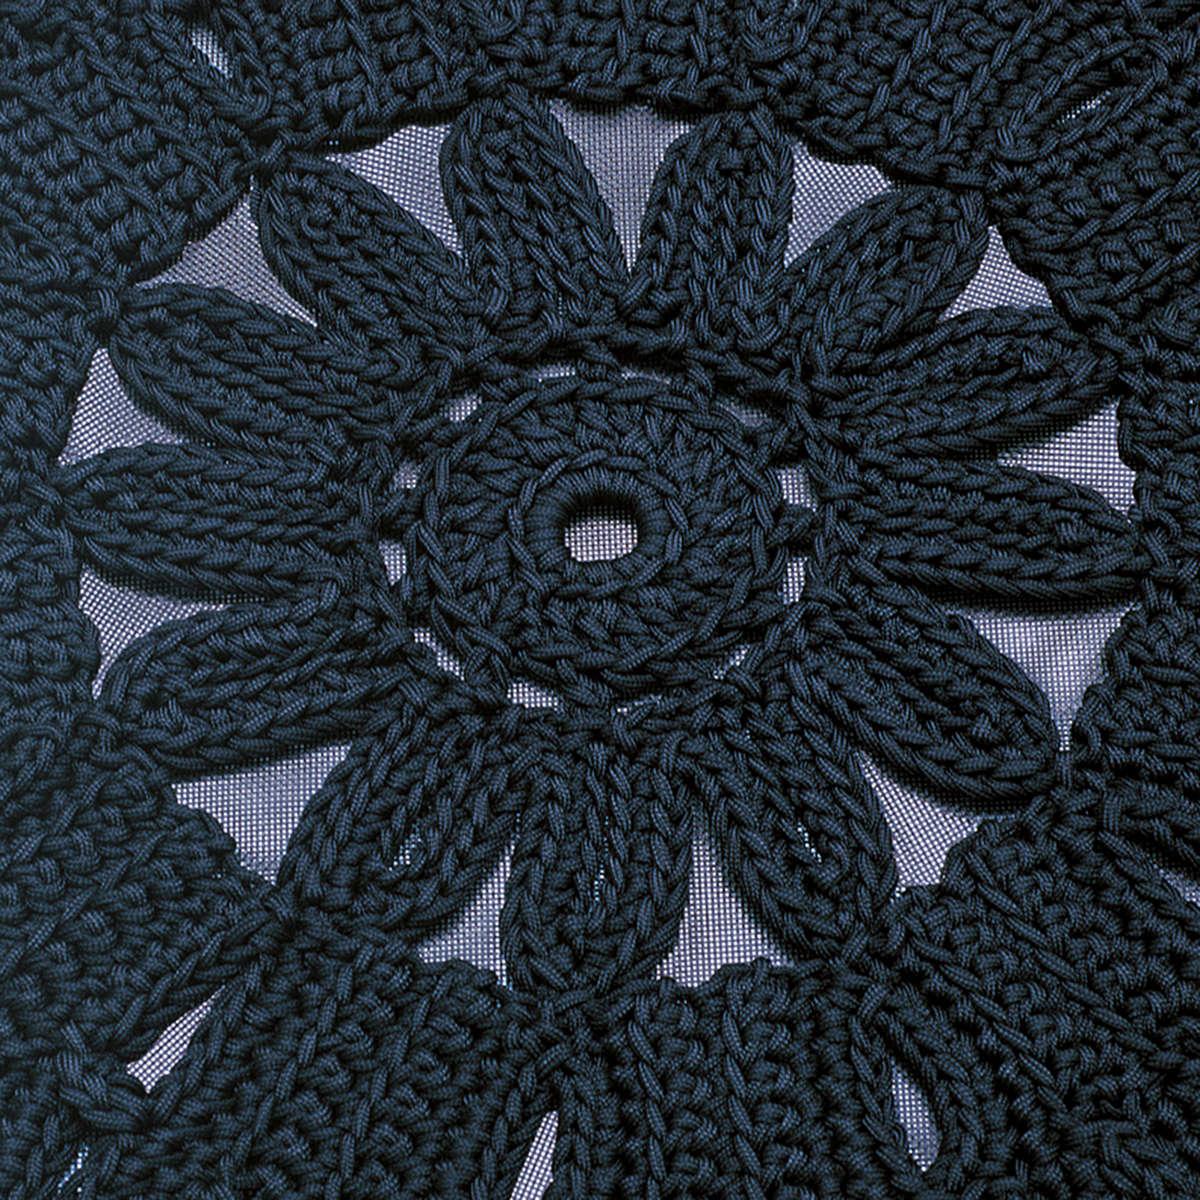 Plr05 Crochet Detail 2